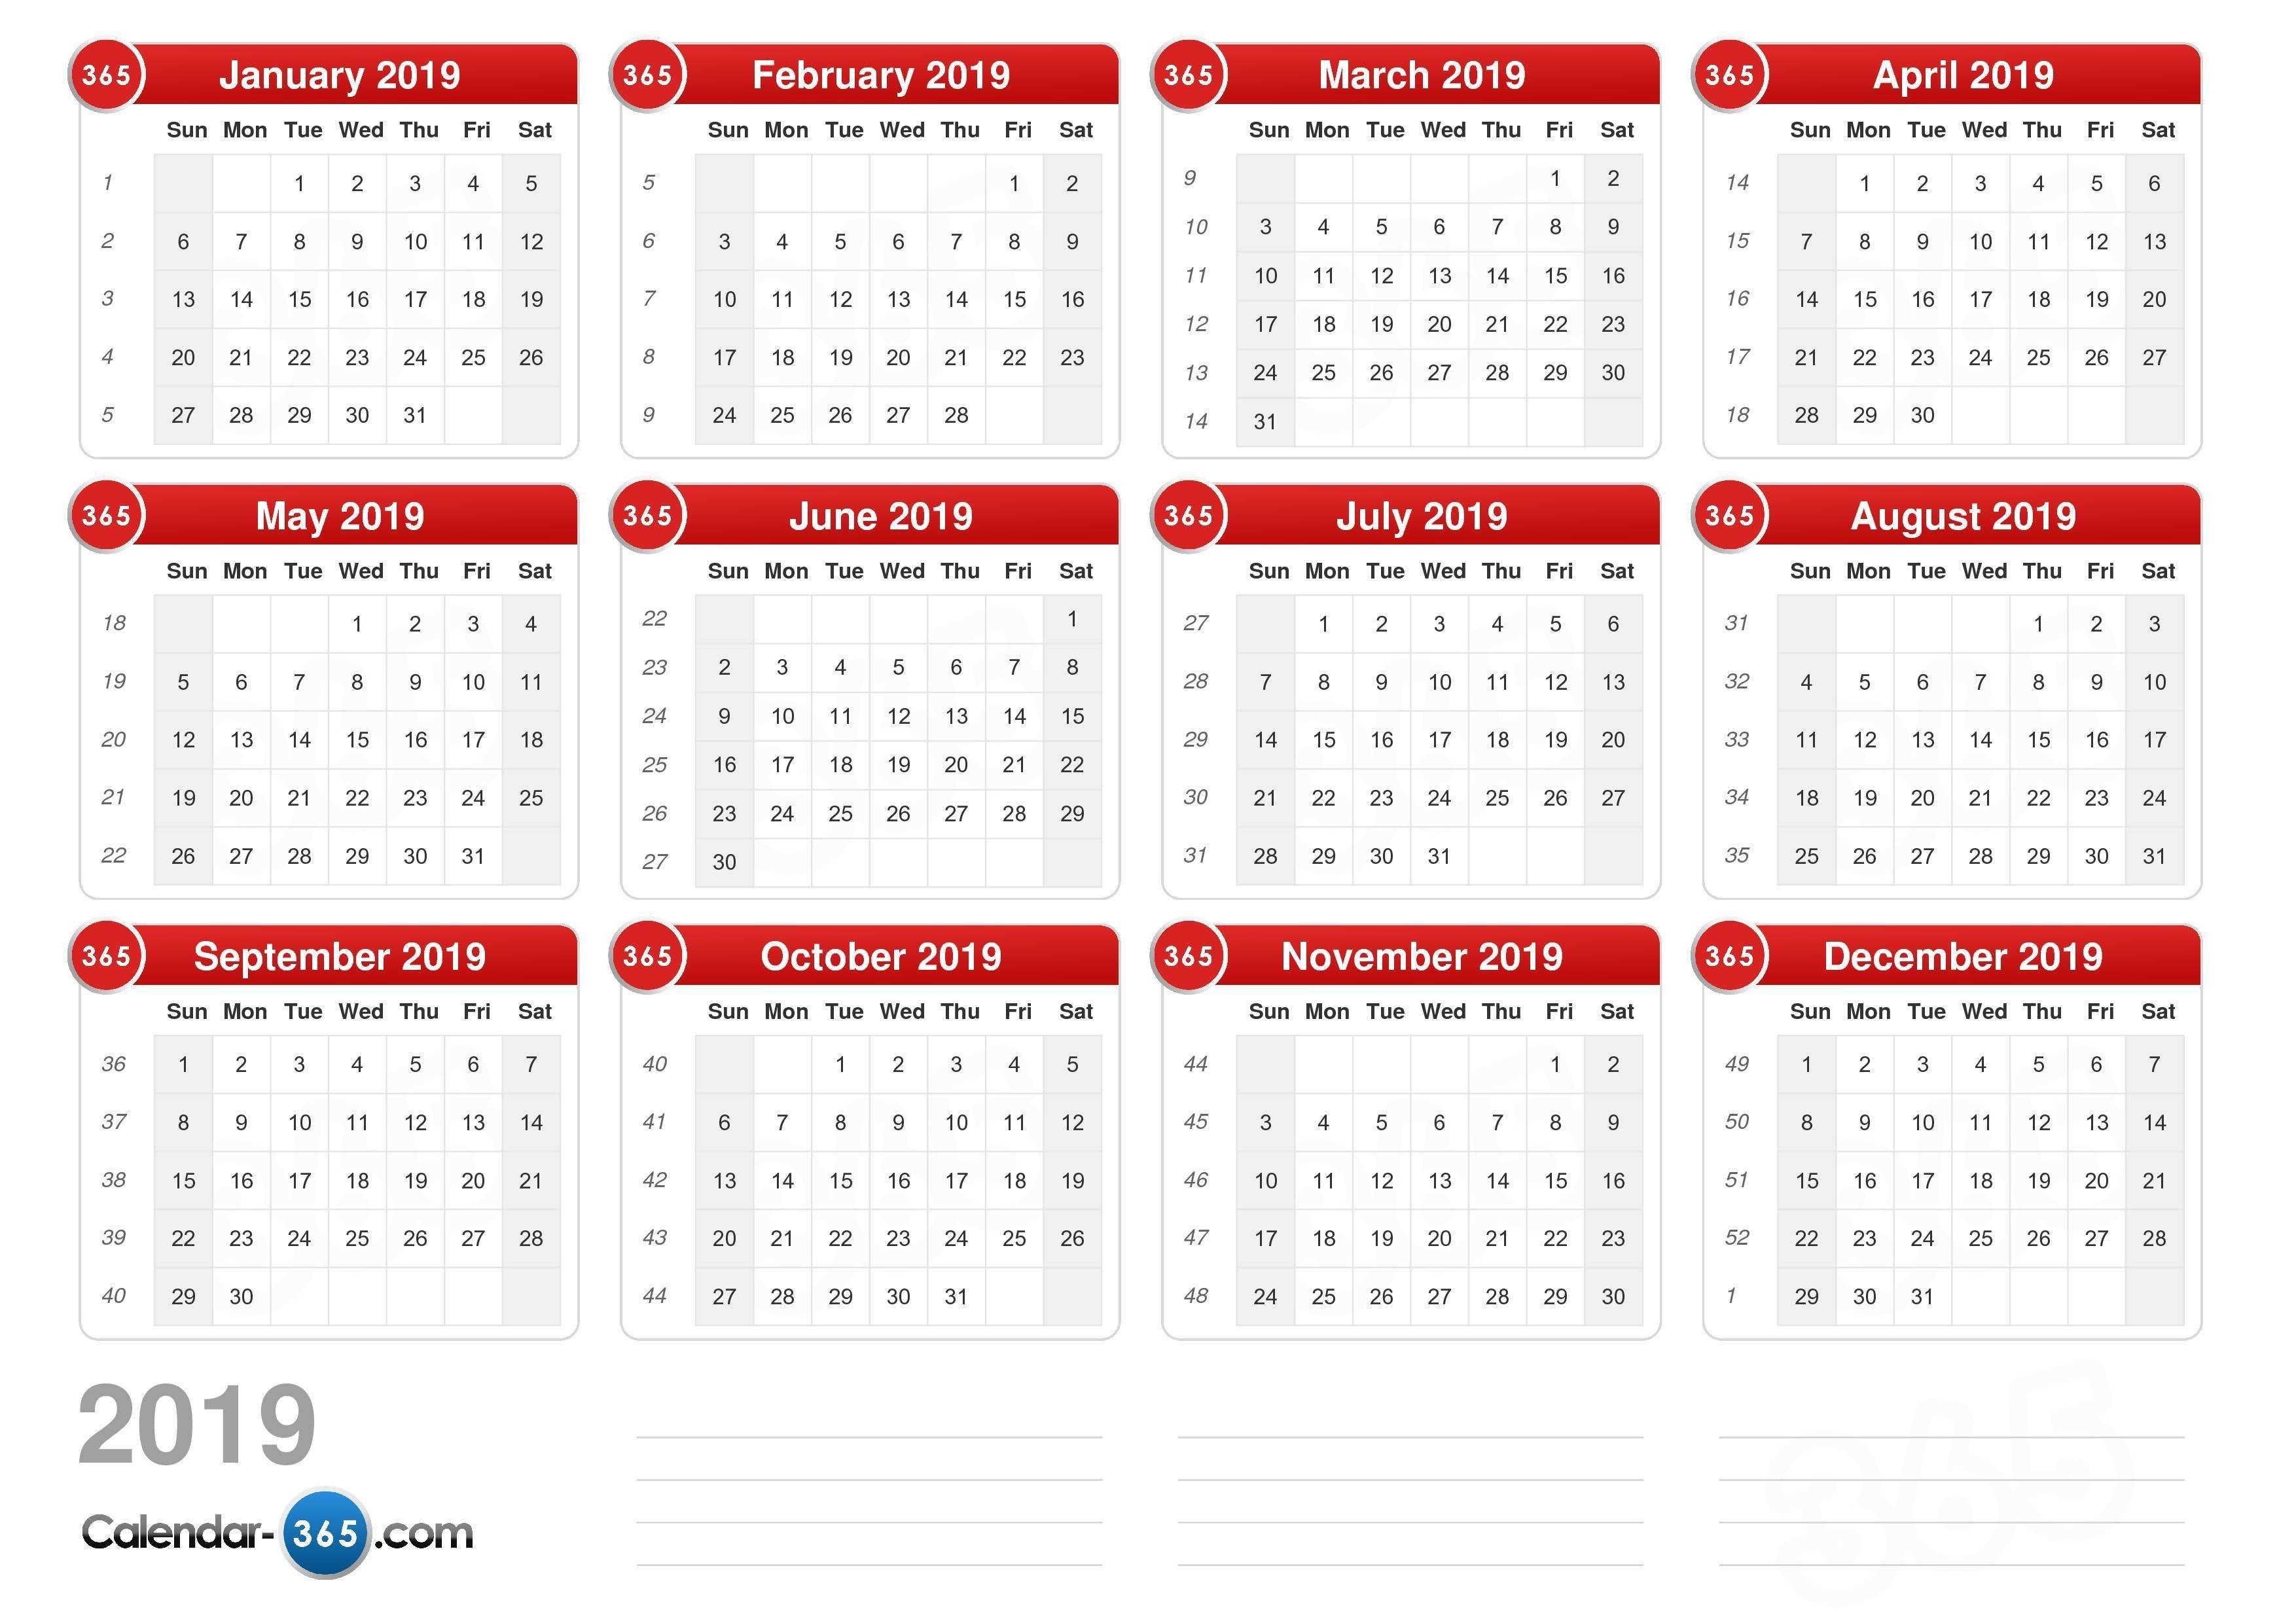 2019 Calendar Calendar Week 46 2019